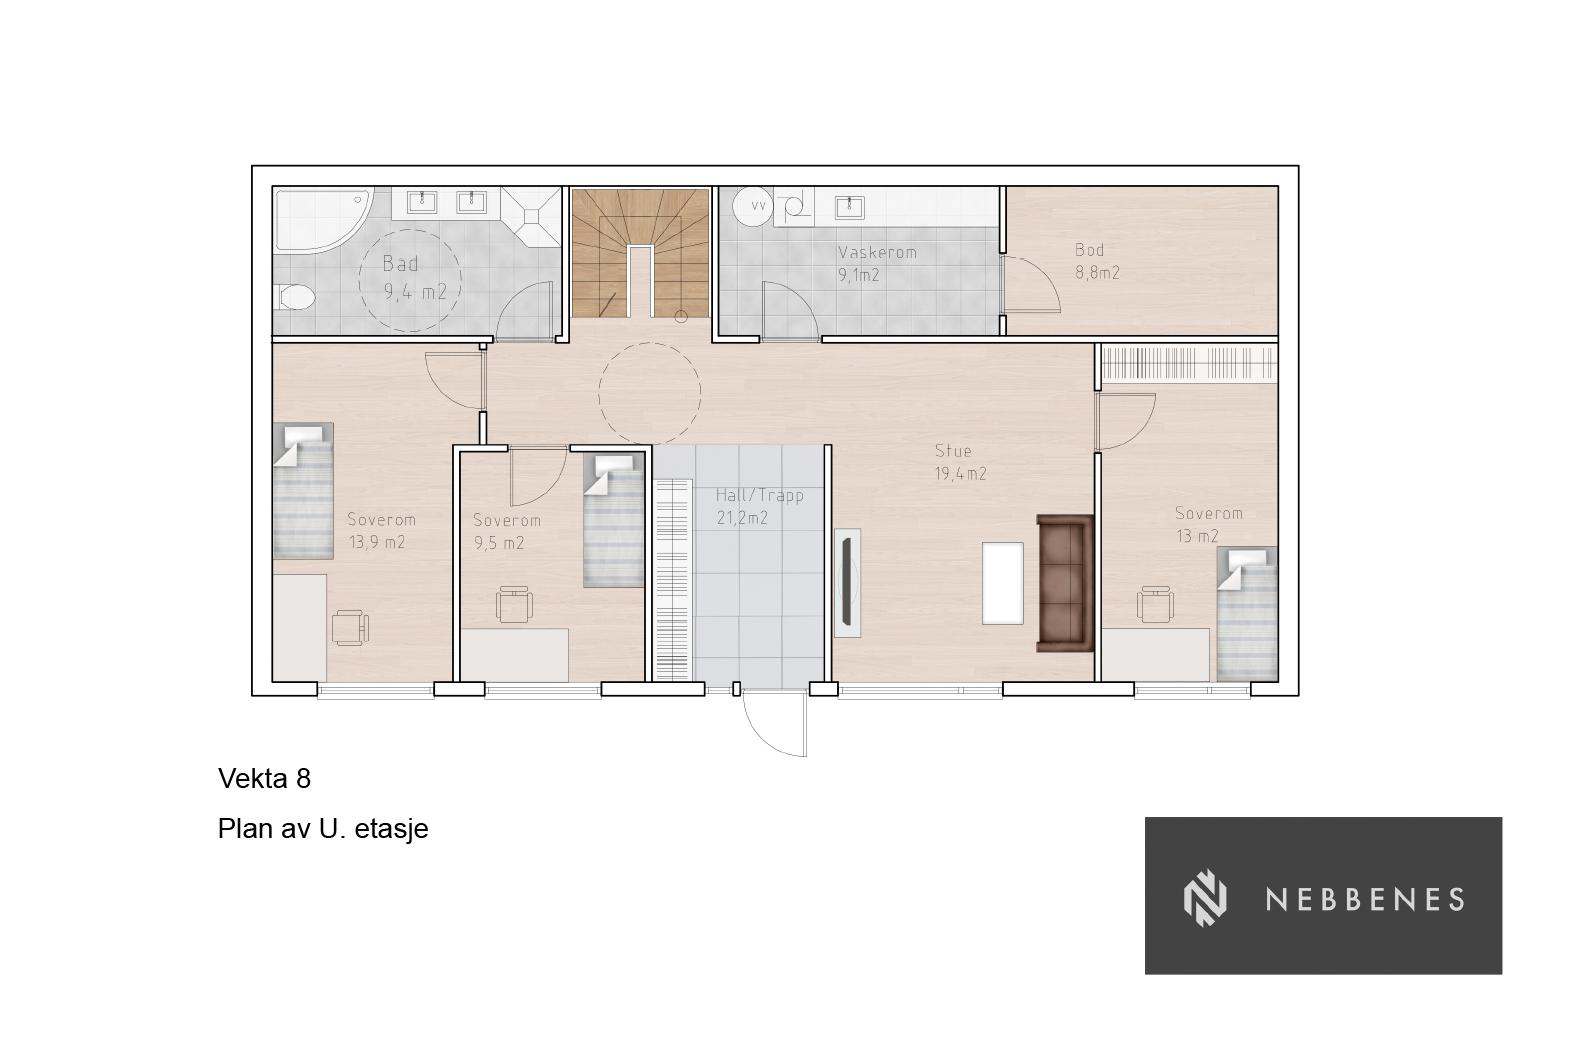 Vekta 8_2D-u-etasje.jpg